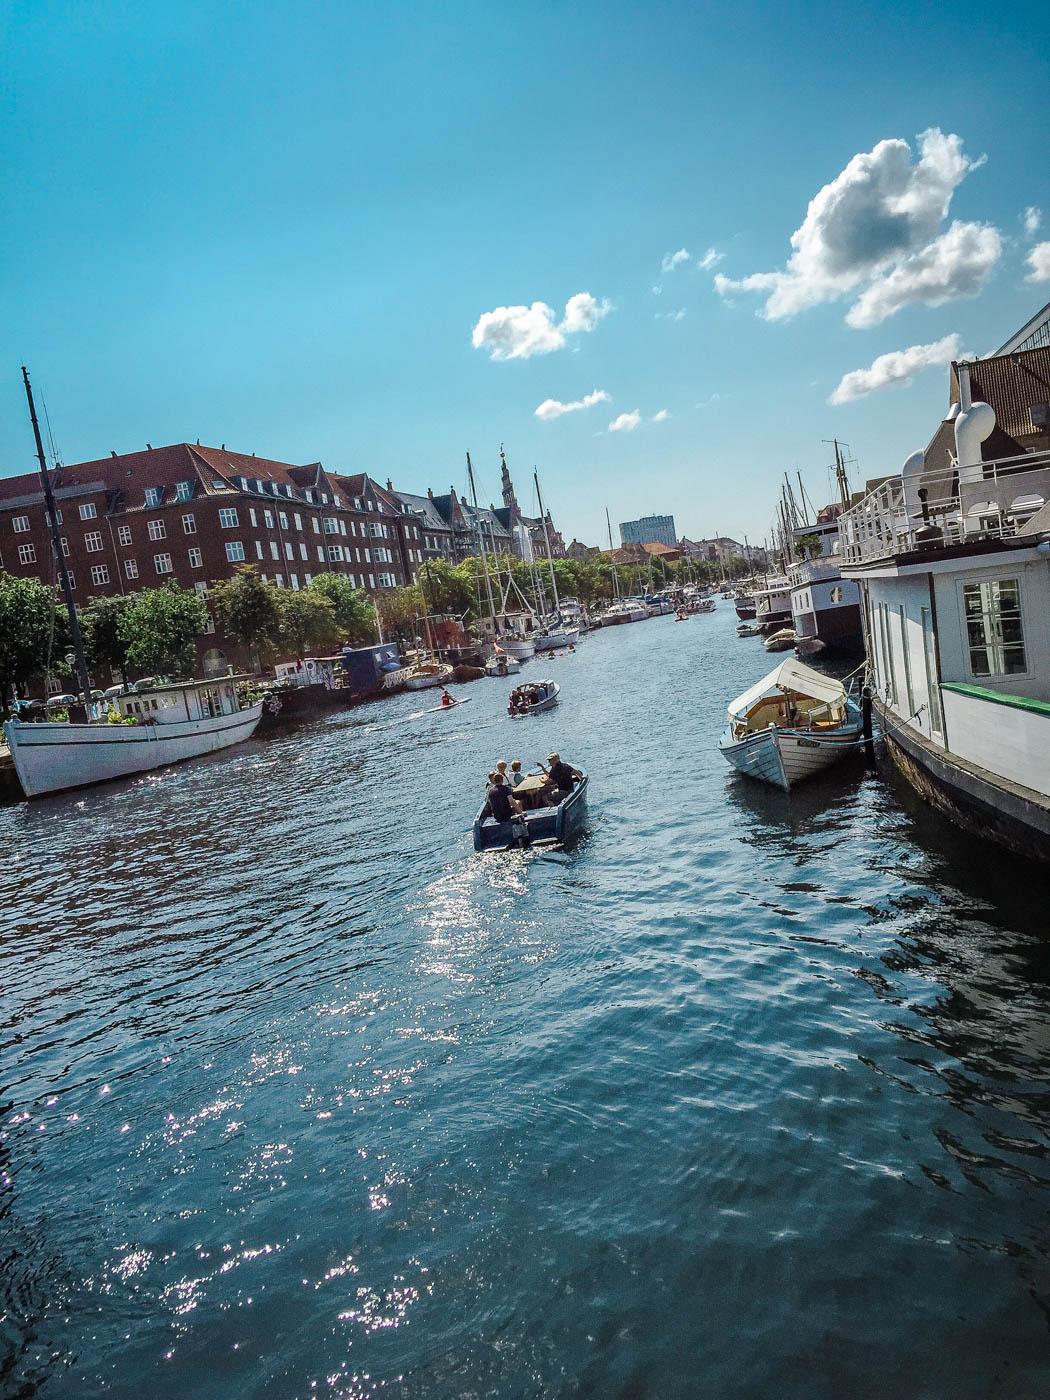 Summer Days by the Canal - Three Days in Copenhagen #traveldestinations #travel #denmark